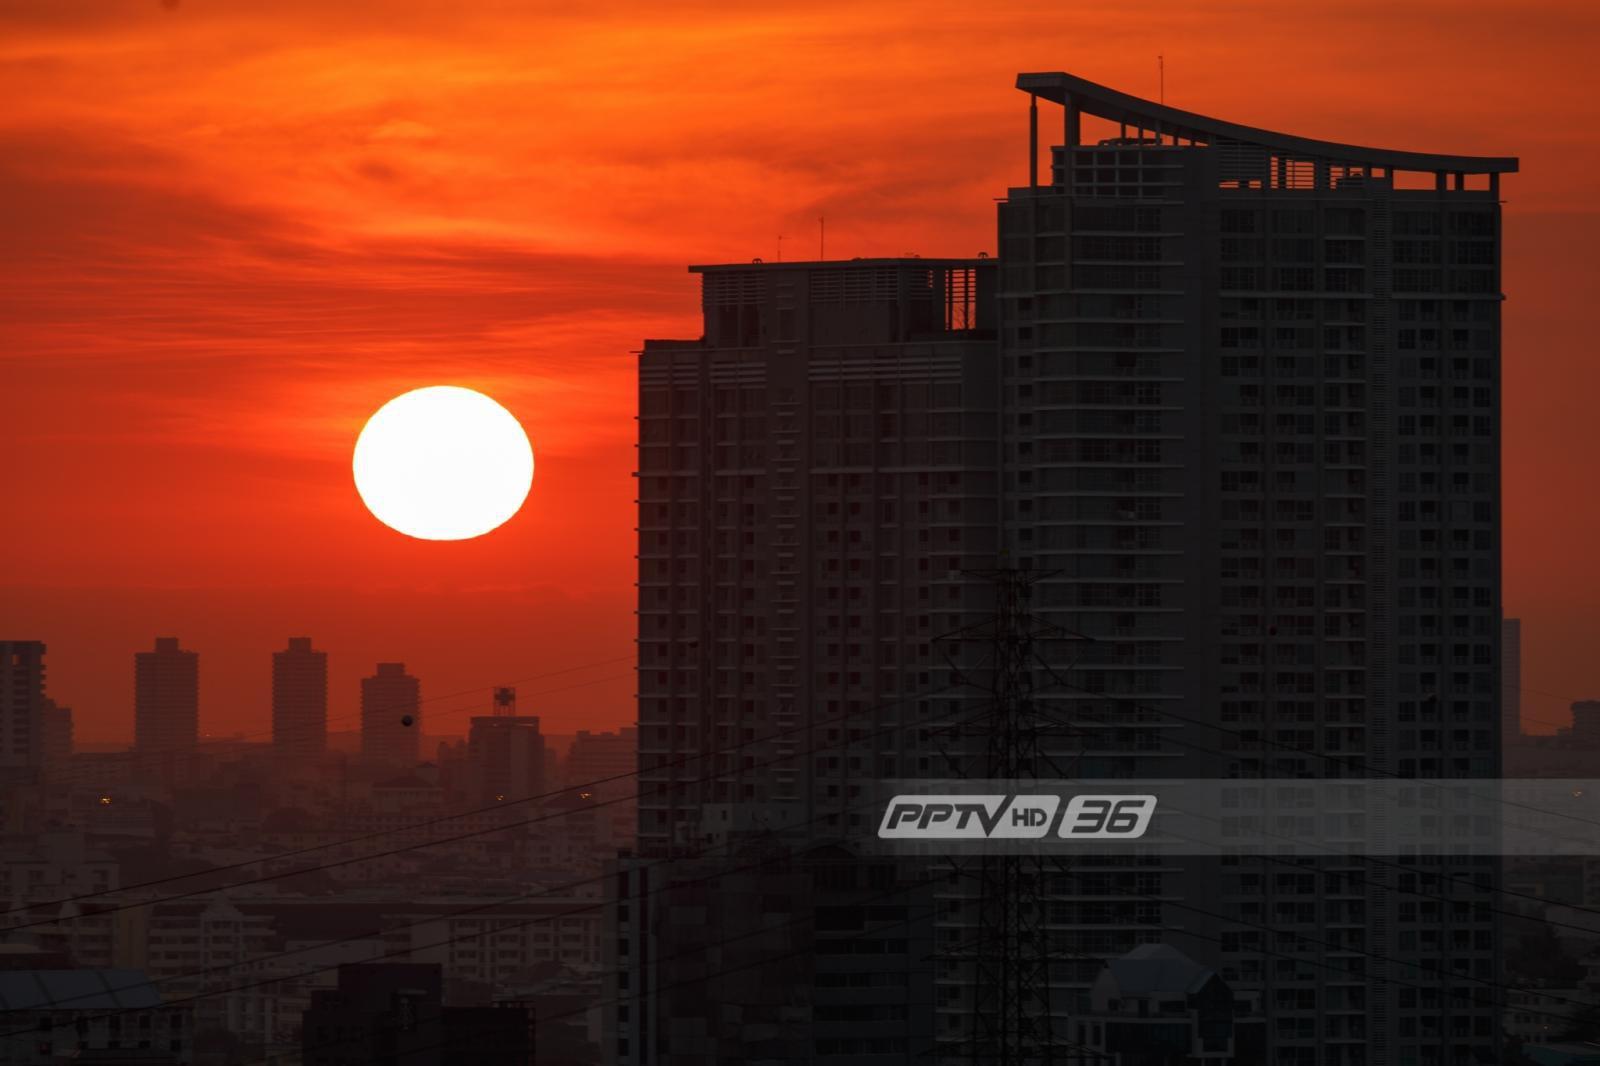 อุตุฯเผย กทม.อุณหภูมิสูงสุด 33-37 องศาเซลเซียส